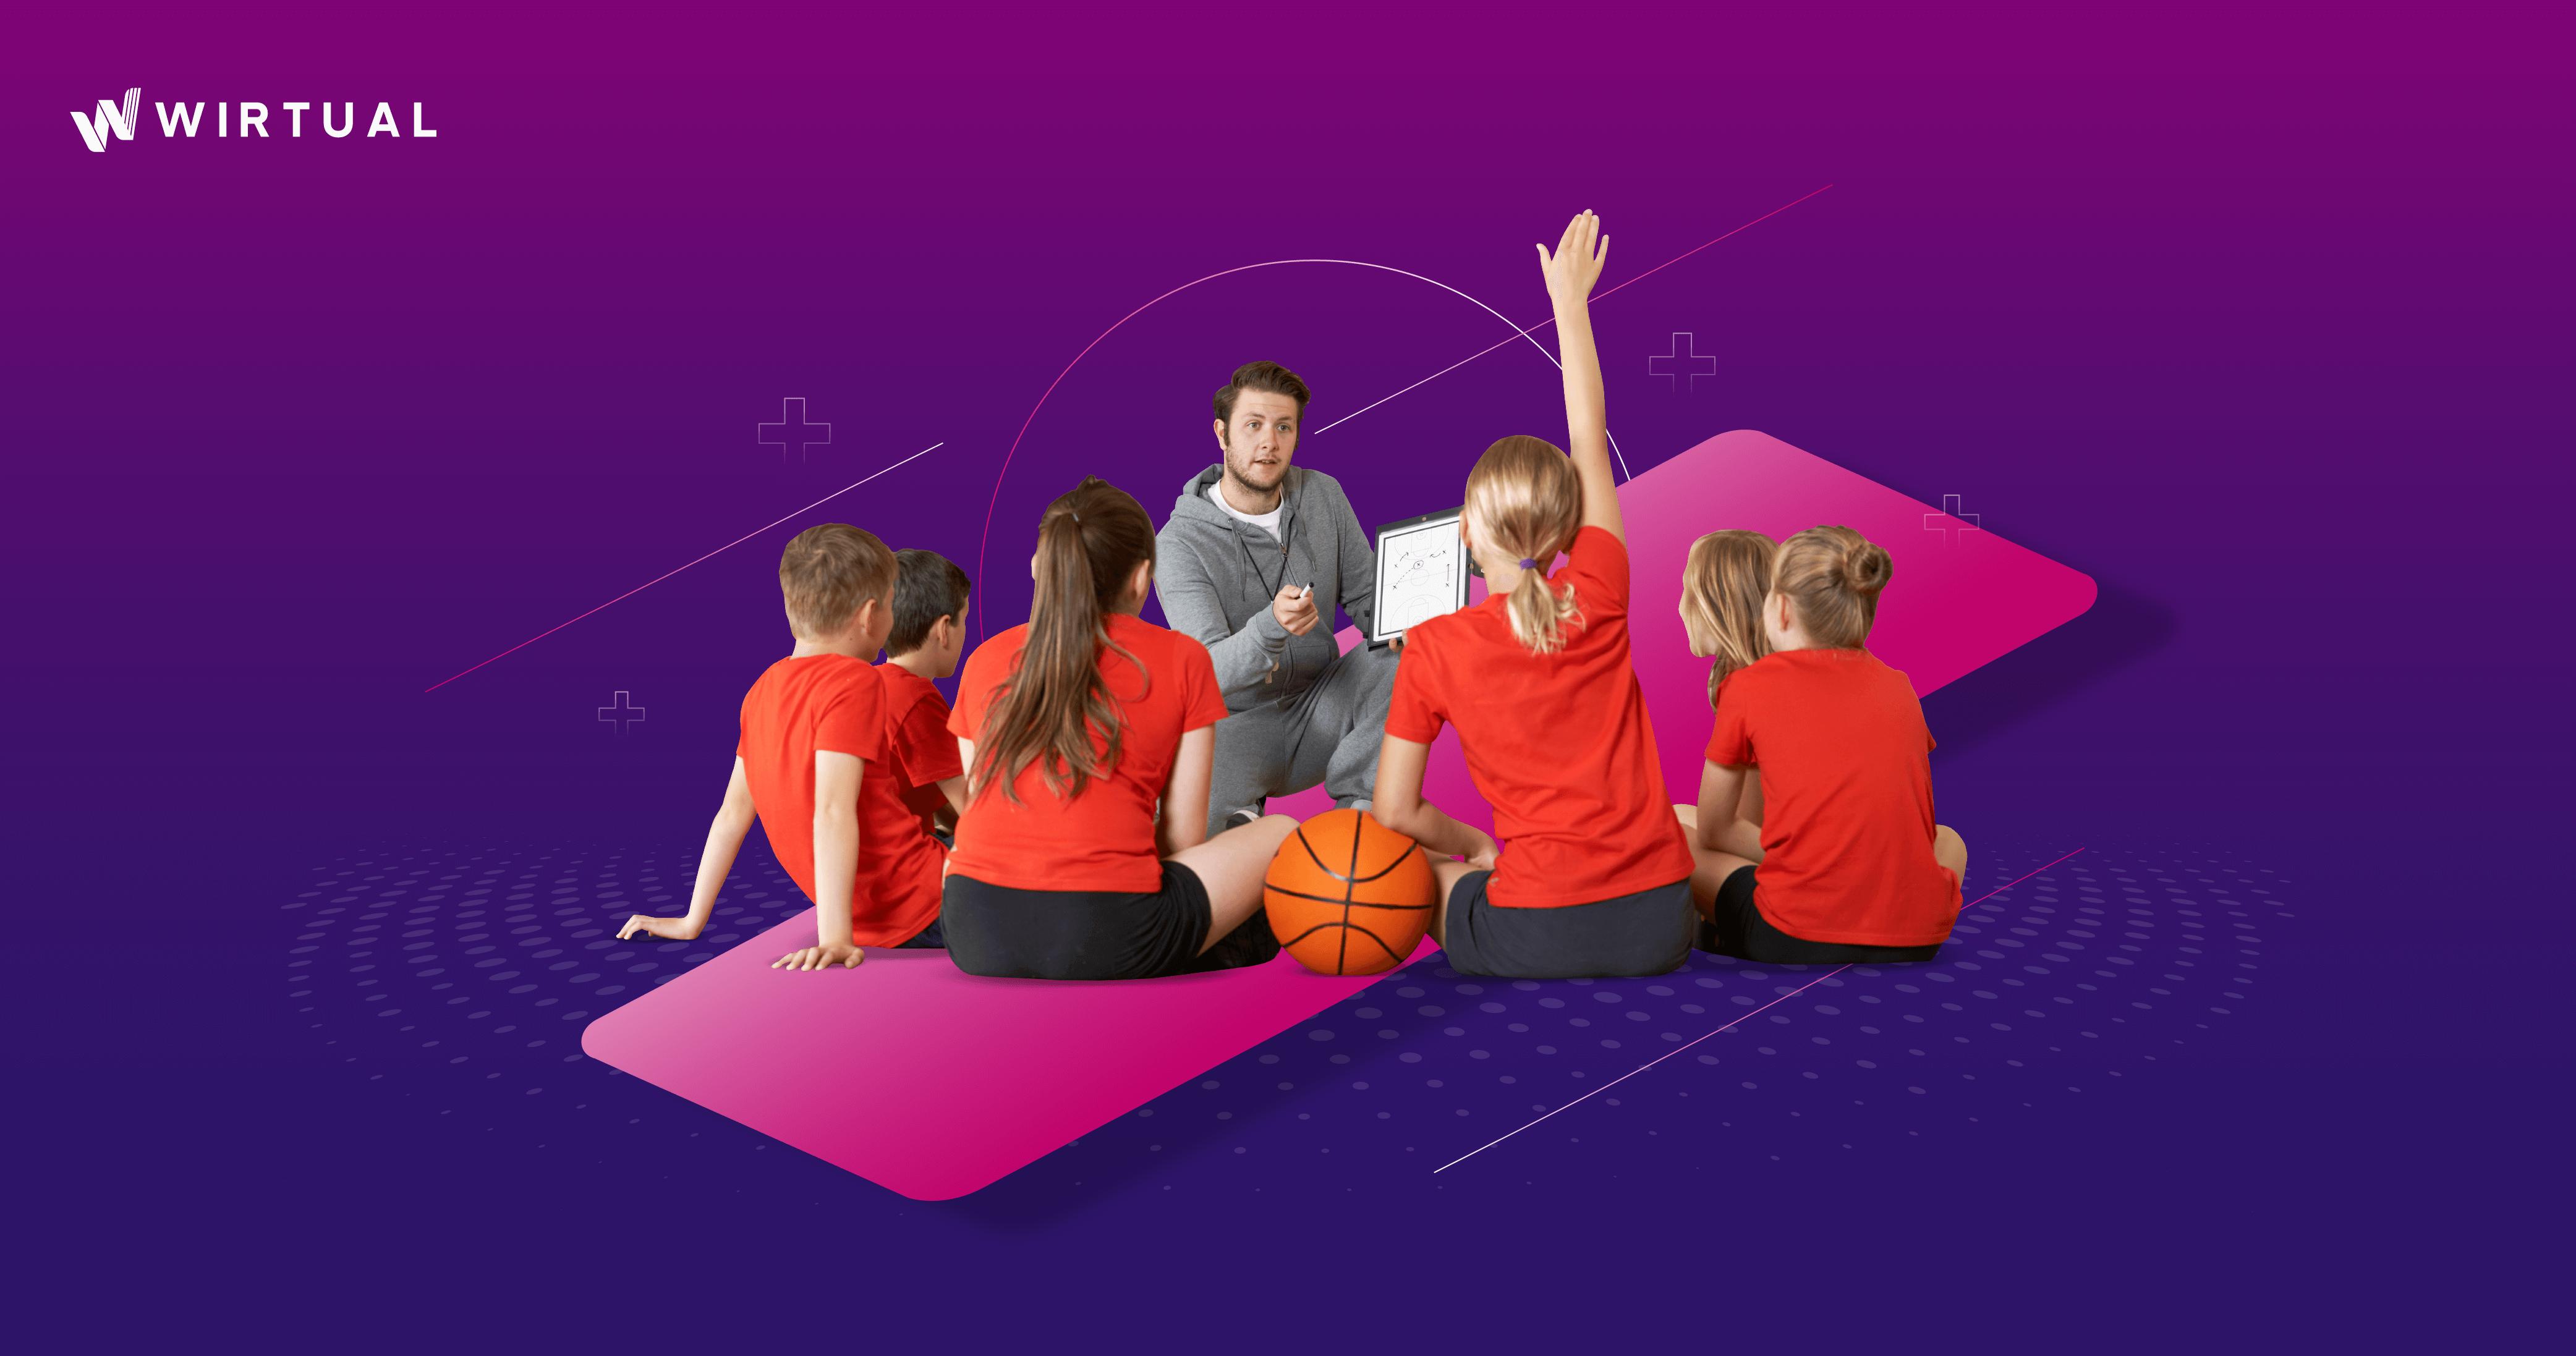 ปลูกฝังการพัฒนาเรื่อง Teamwork ผ่านกีฬาได้ผล 100% ในทุกช่วงวัย